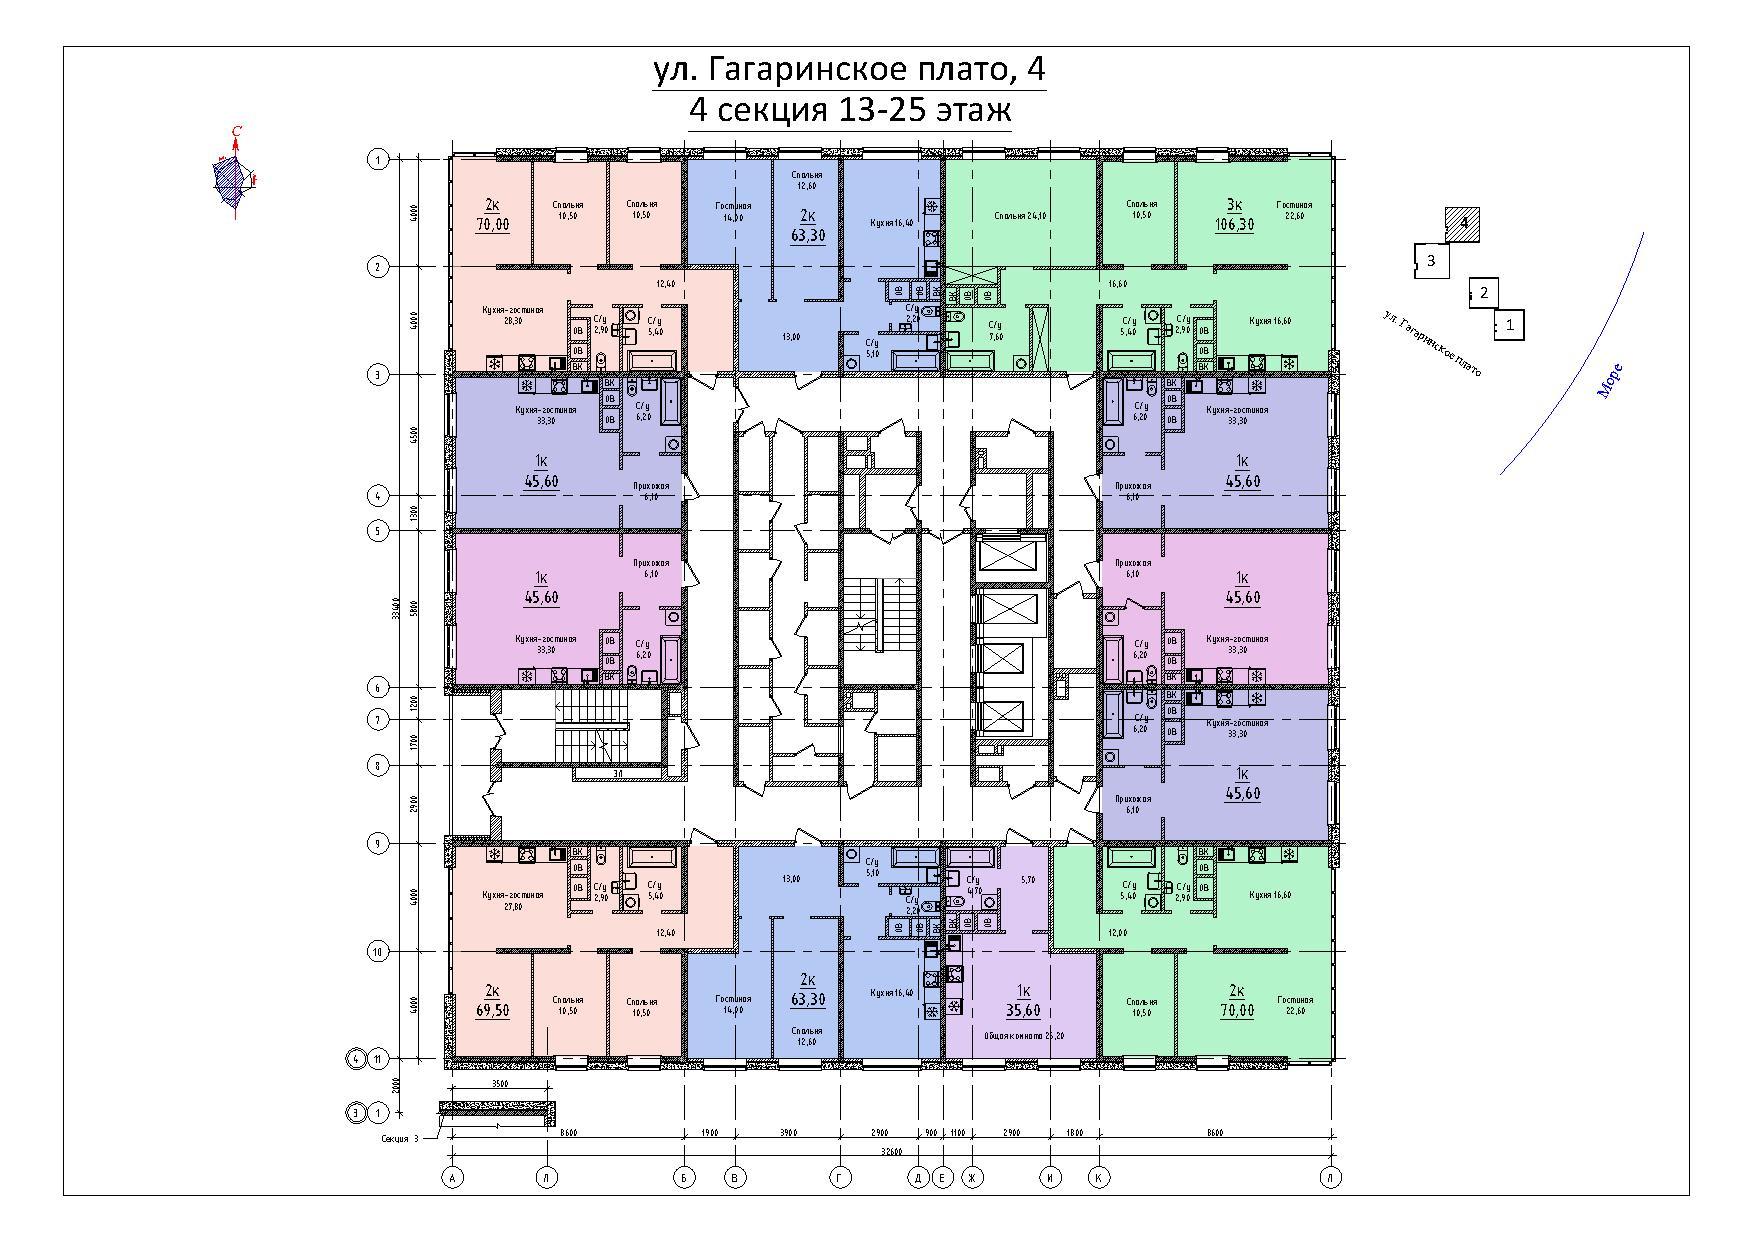 ЖК Sea View (Си Вью) Будова 4 секция план 13-25 этажа